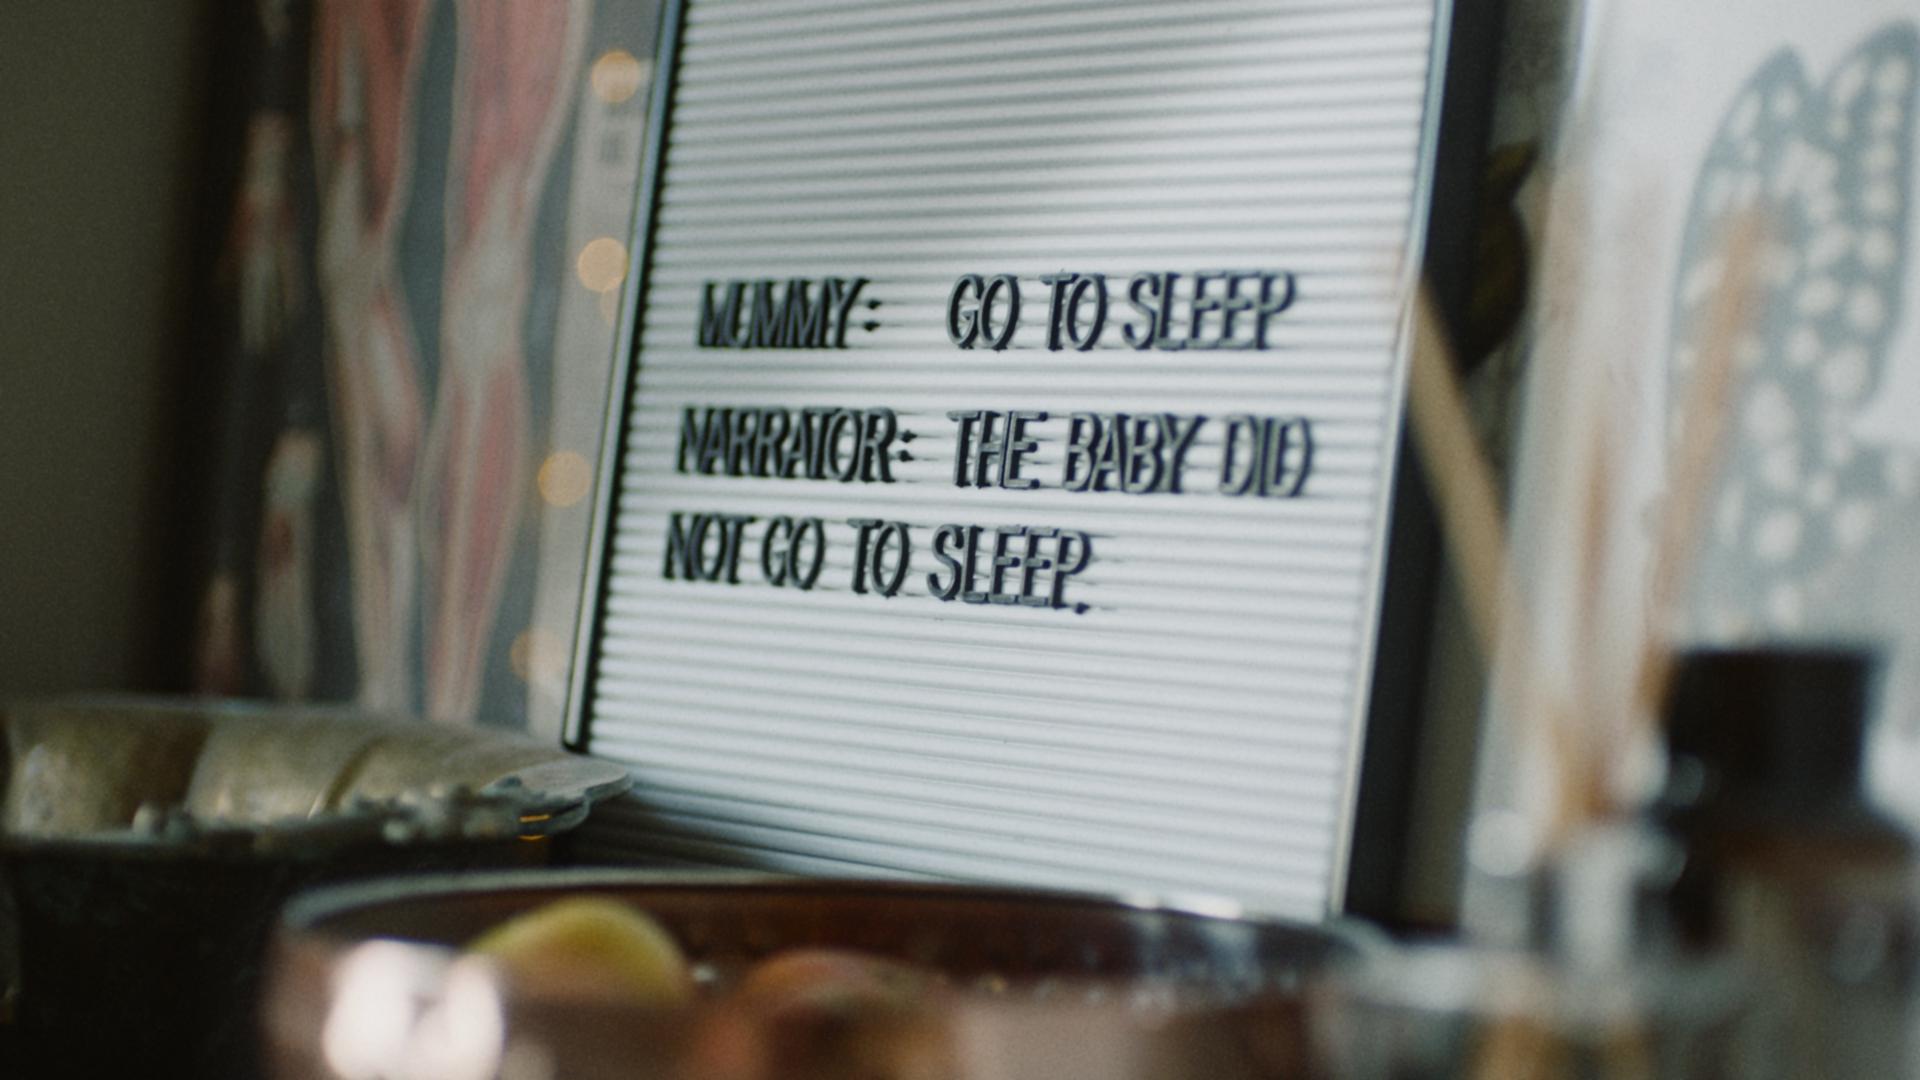 SLEEP_1.55.1.jpg